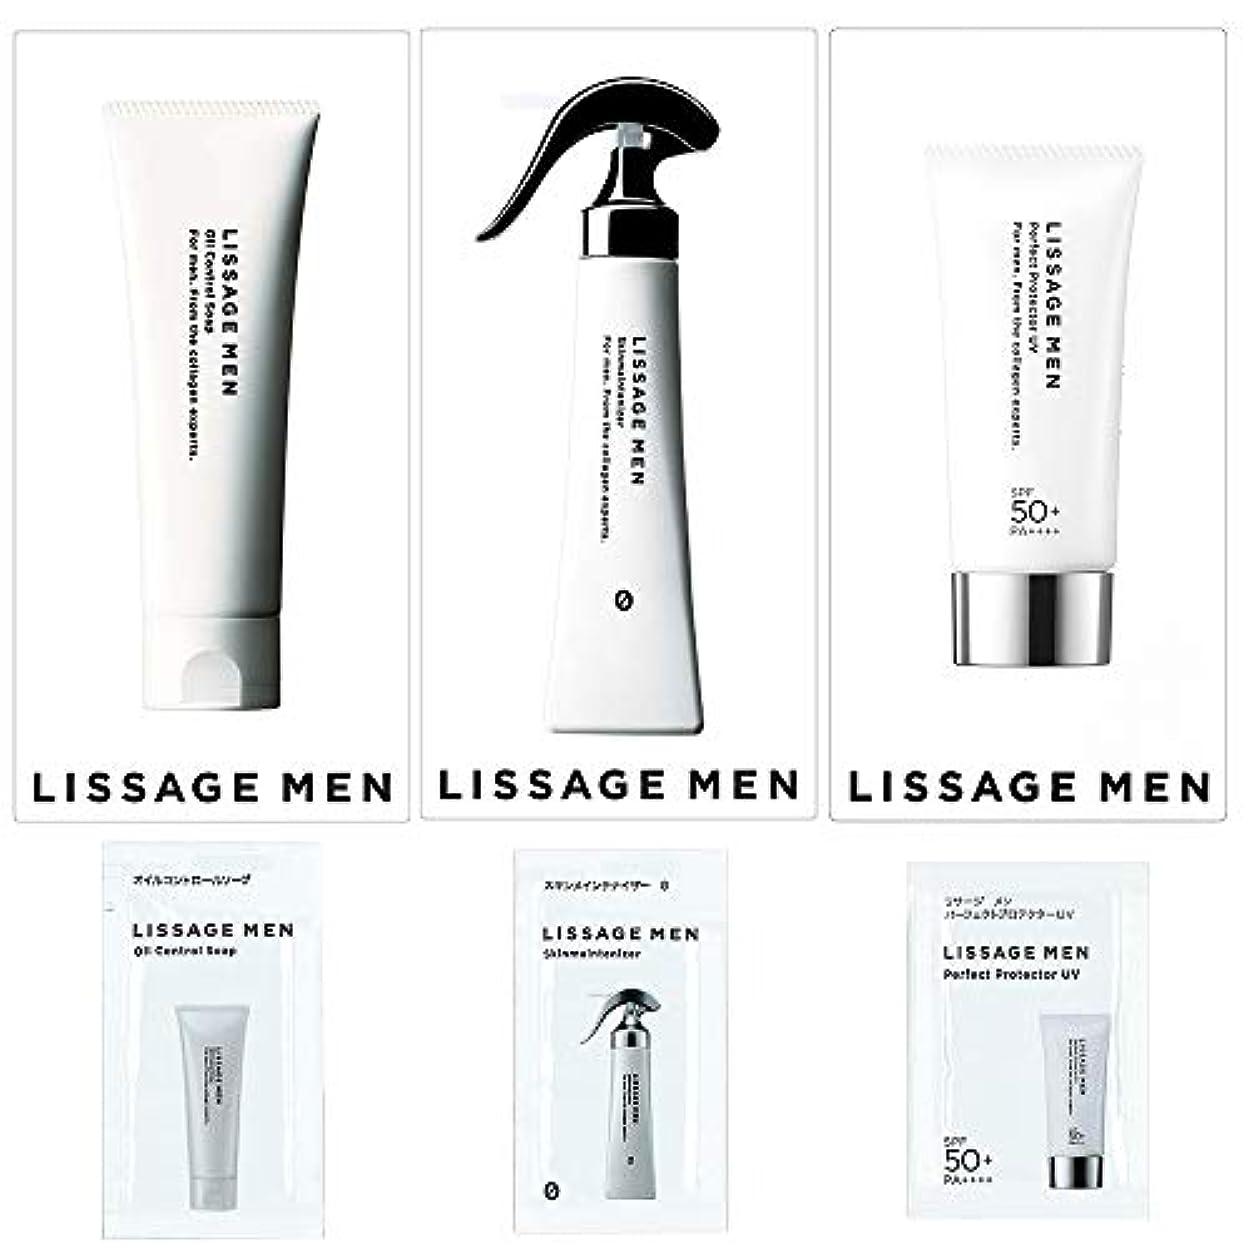 自体しなければならないスイリサージメン メンズ フェイスケア 3点セット 洗顔&化粧水&UV(サンプルセット) 【実質無料サンプルストア対象】